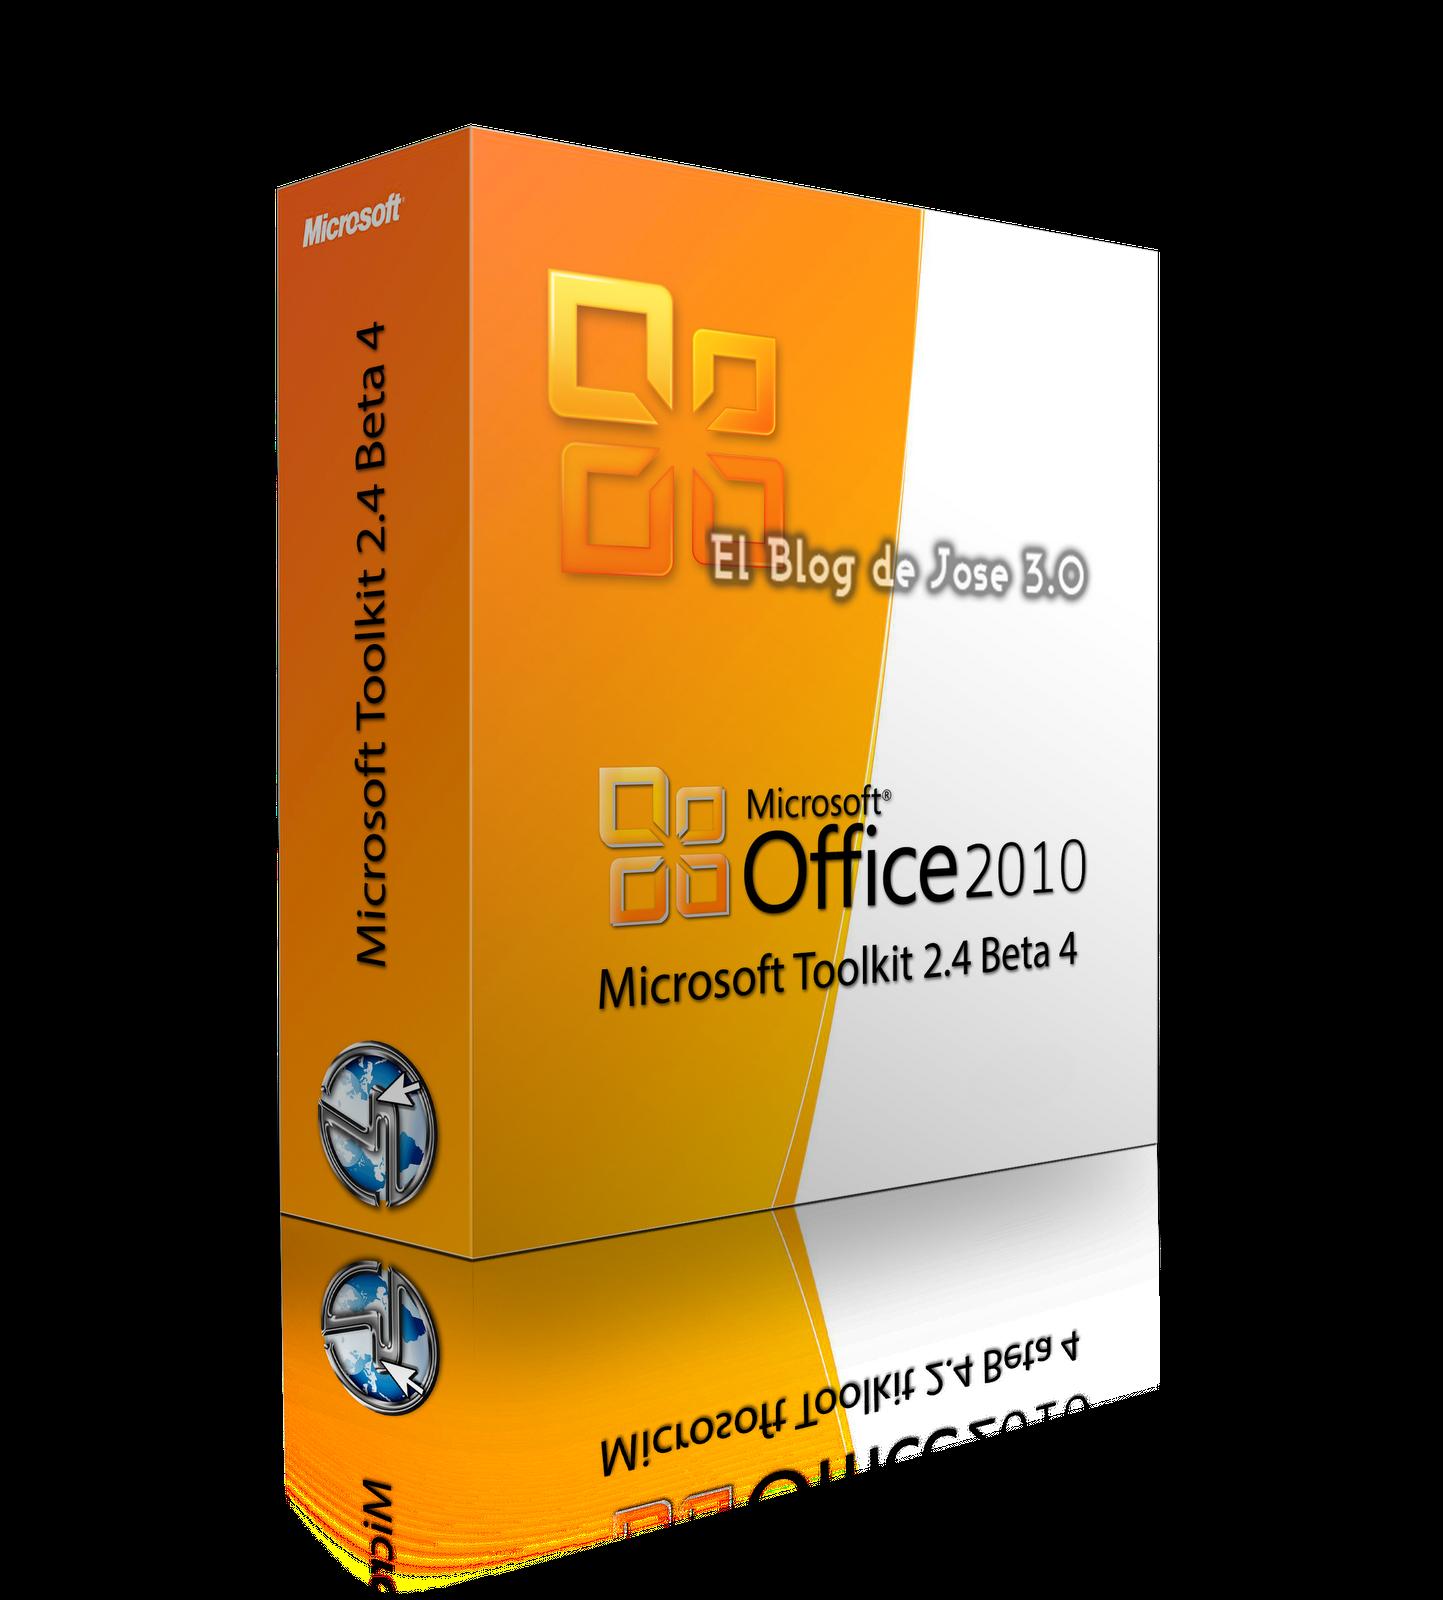 Microsoft Toolkit 2.4 Beta 4 Activa office 2010 & Windows